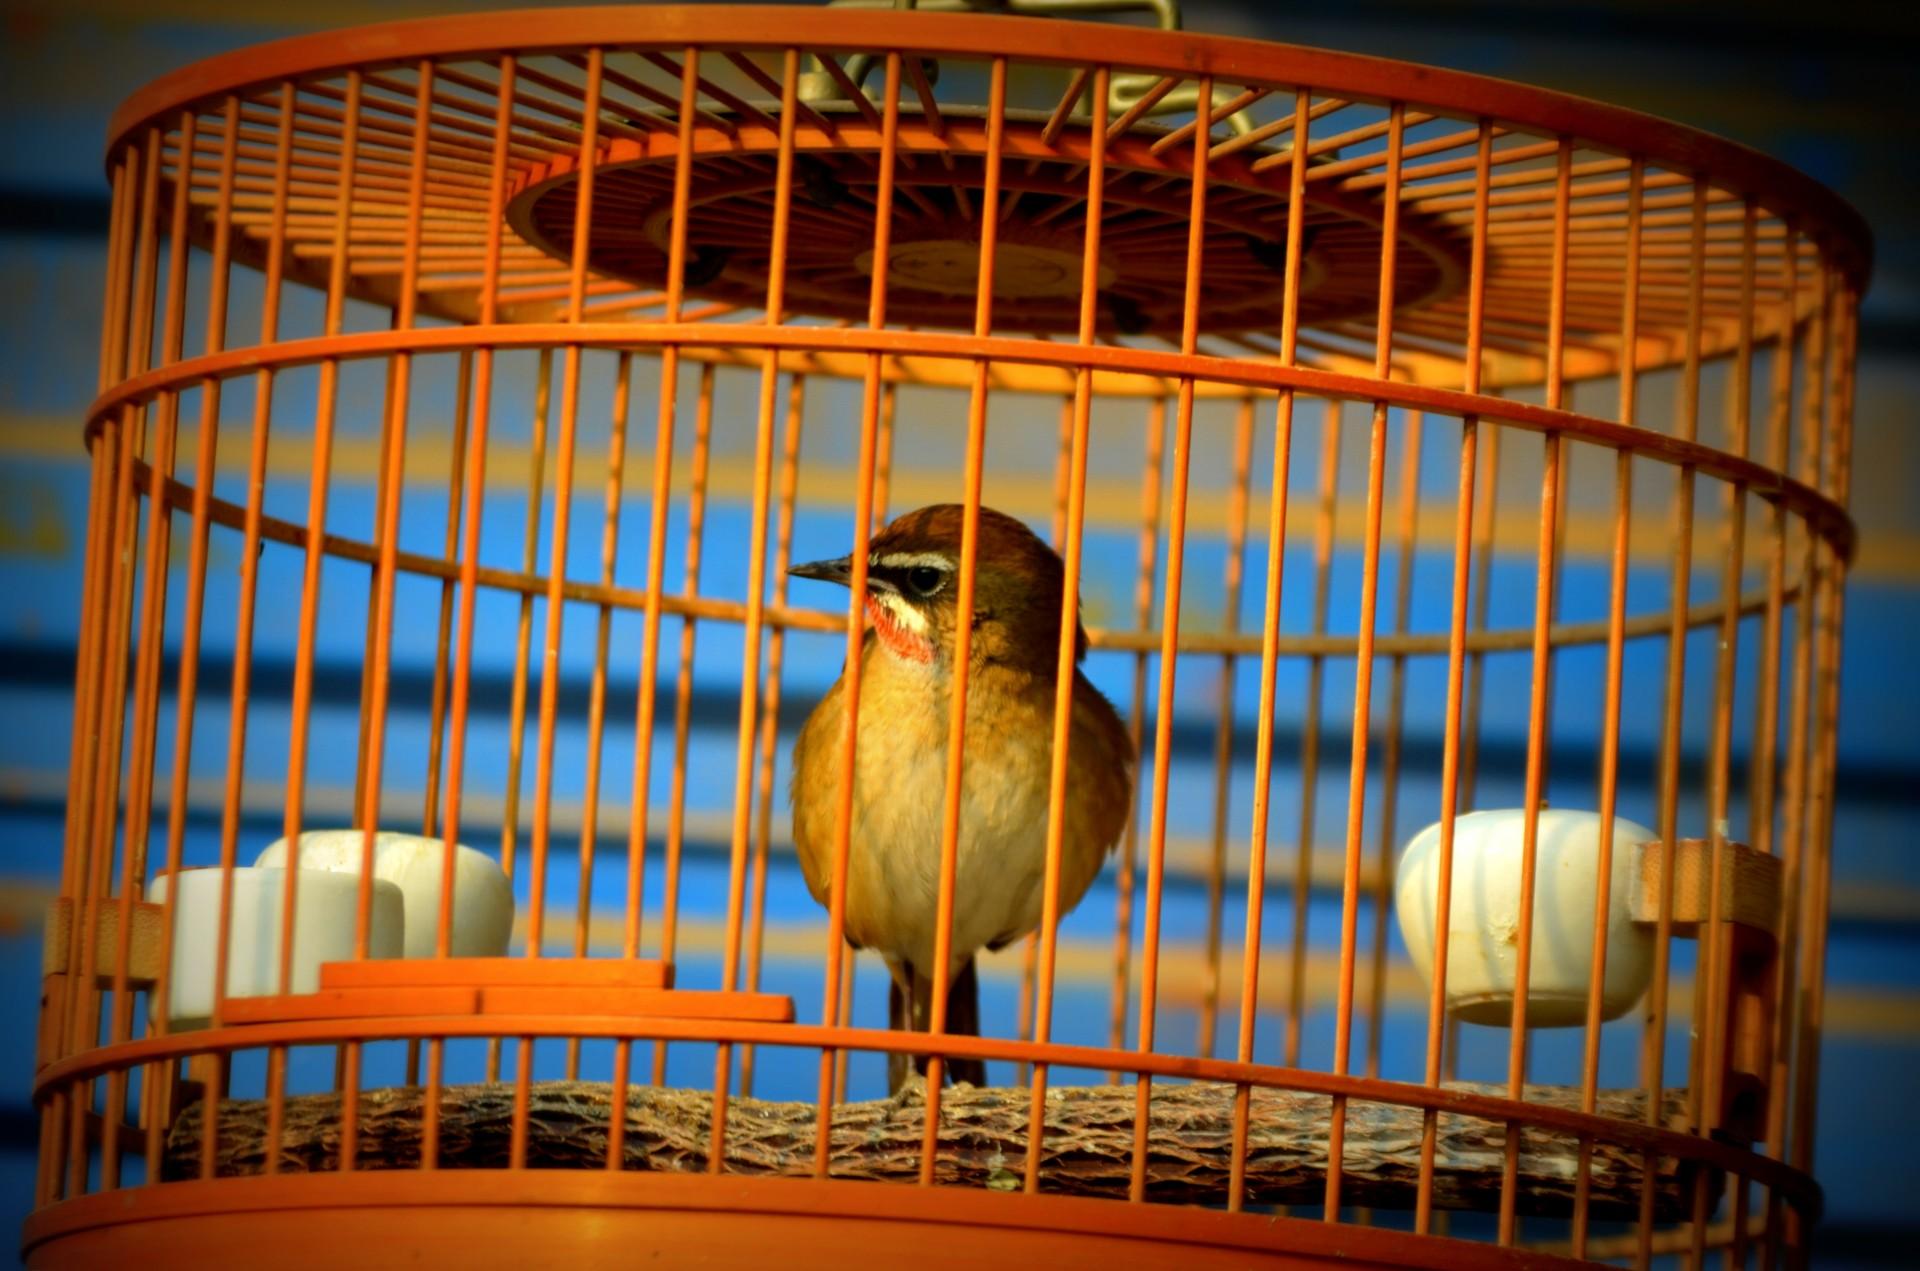 bird-in-cage-1386508696FuS